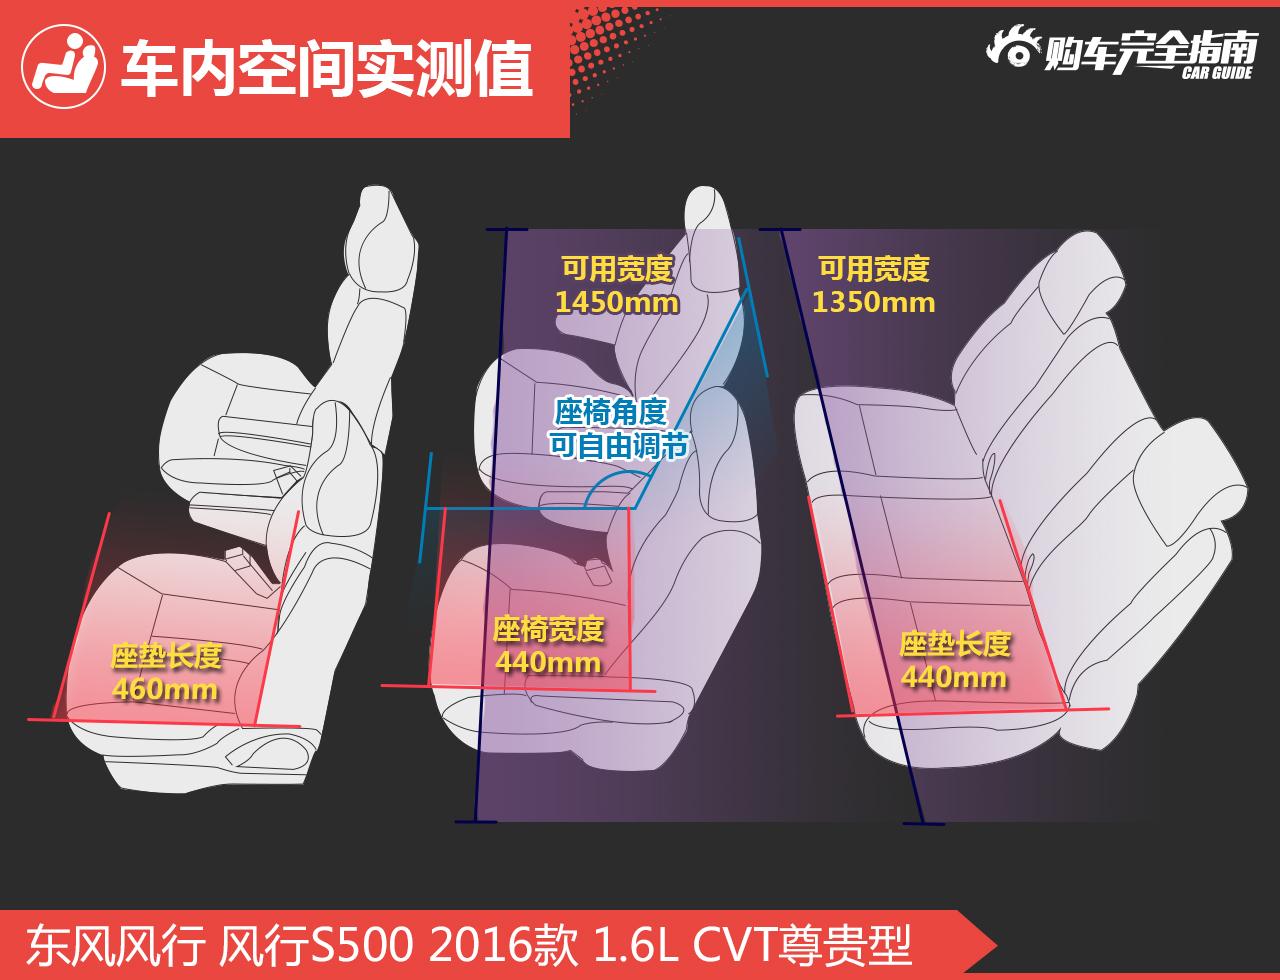 车内空间2+2+3